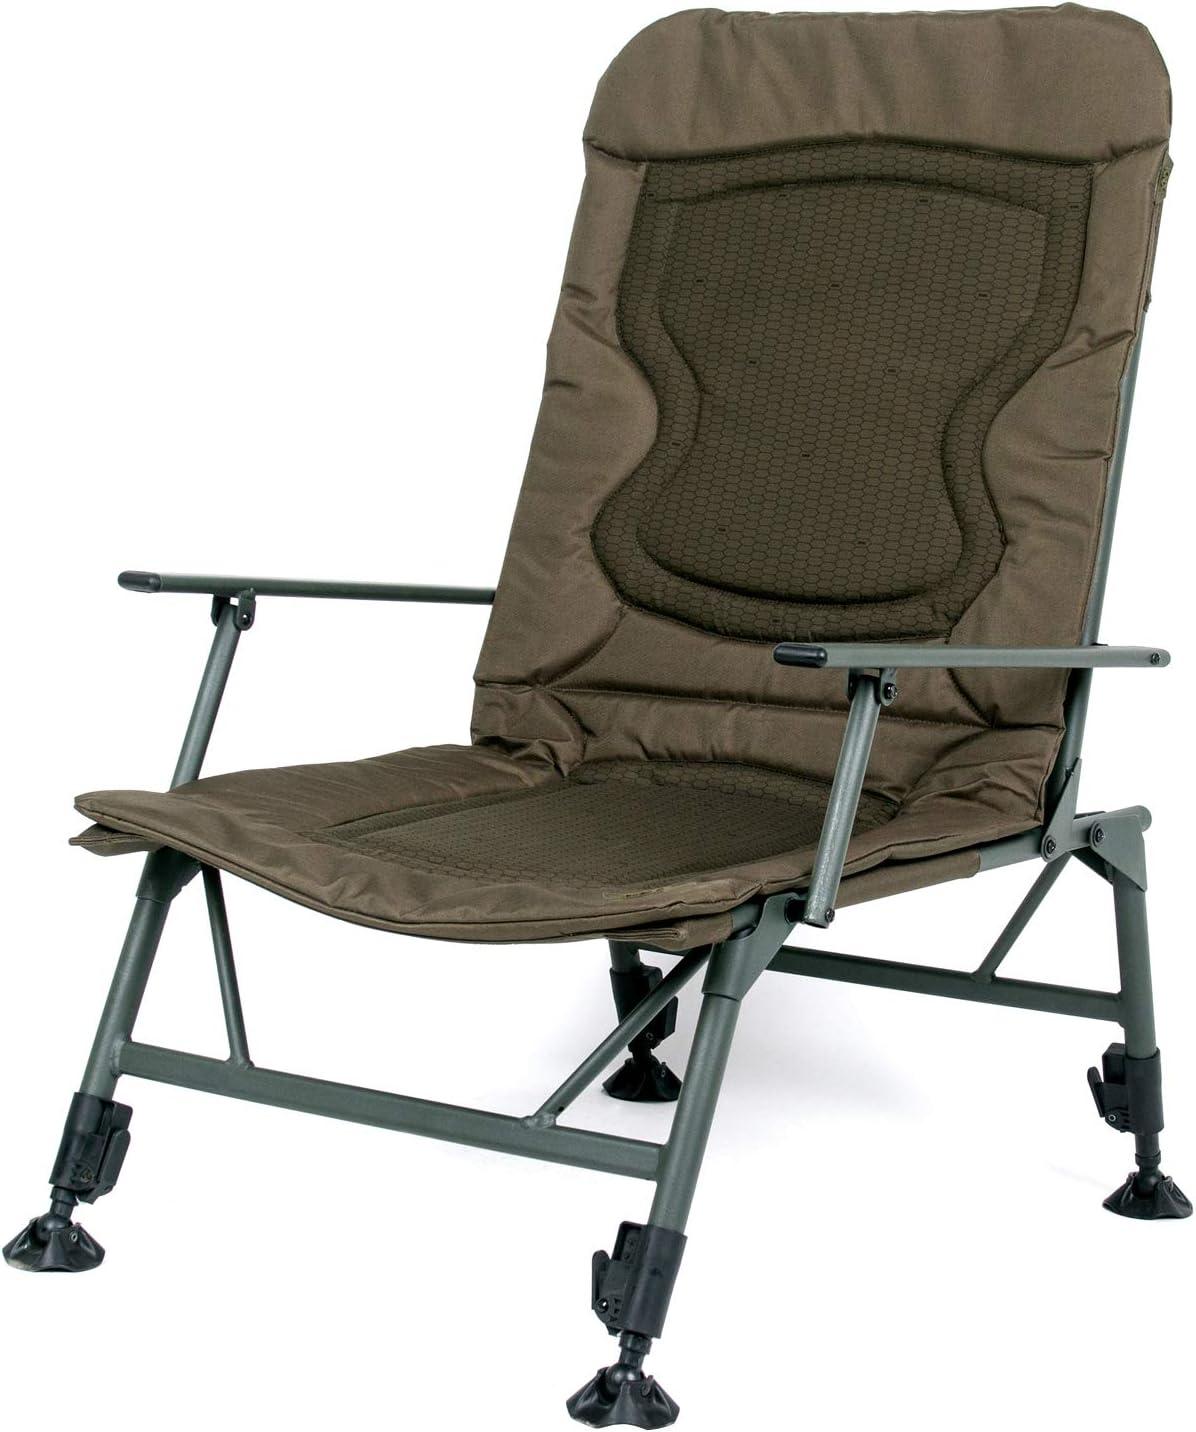 Nash KNX Armchair Standard T4343 Stuhl Karpfenstuhl Sitz Angelstuhl Carpchair Chair